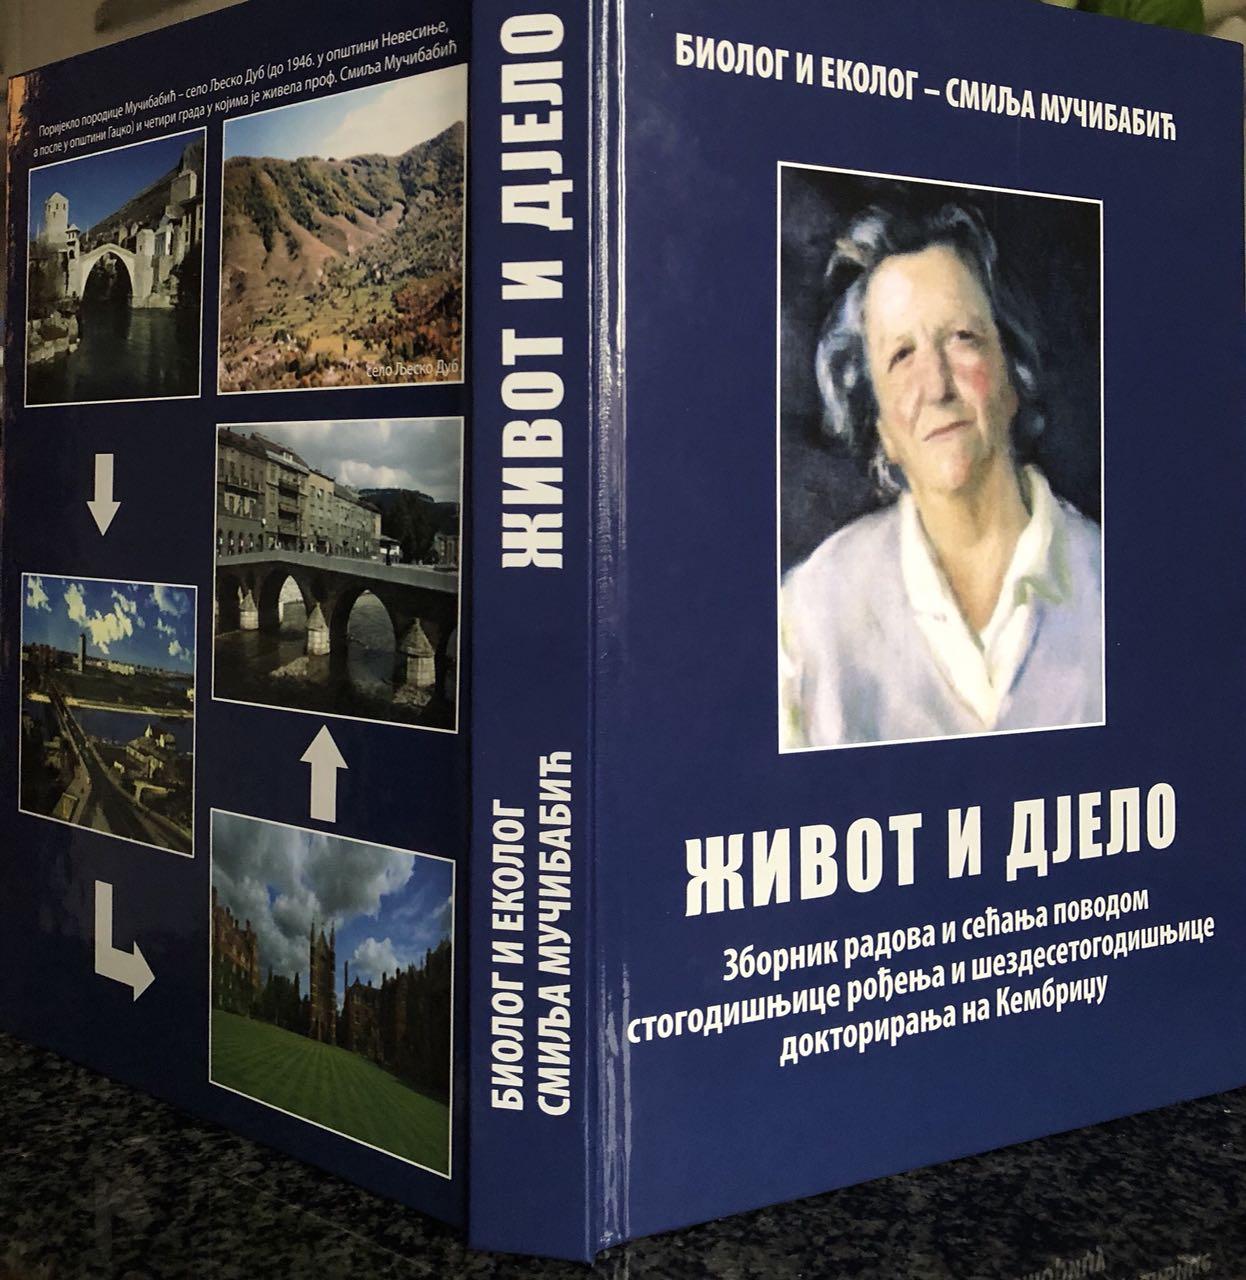 СИМБОЛ МОДЕРНЕ БИОЛОГИЈЕ: Сто година од рођења Смиље Мучибабић